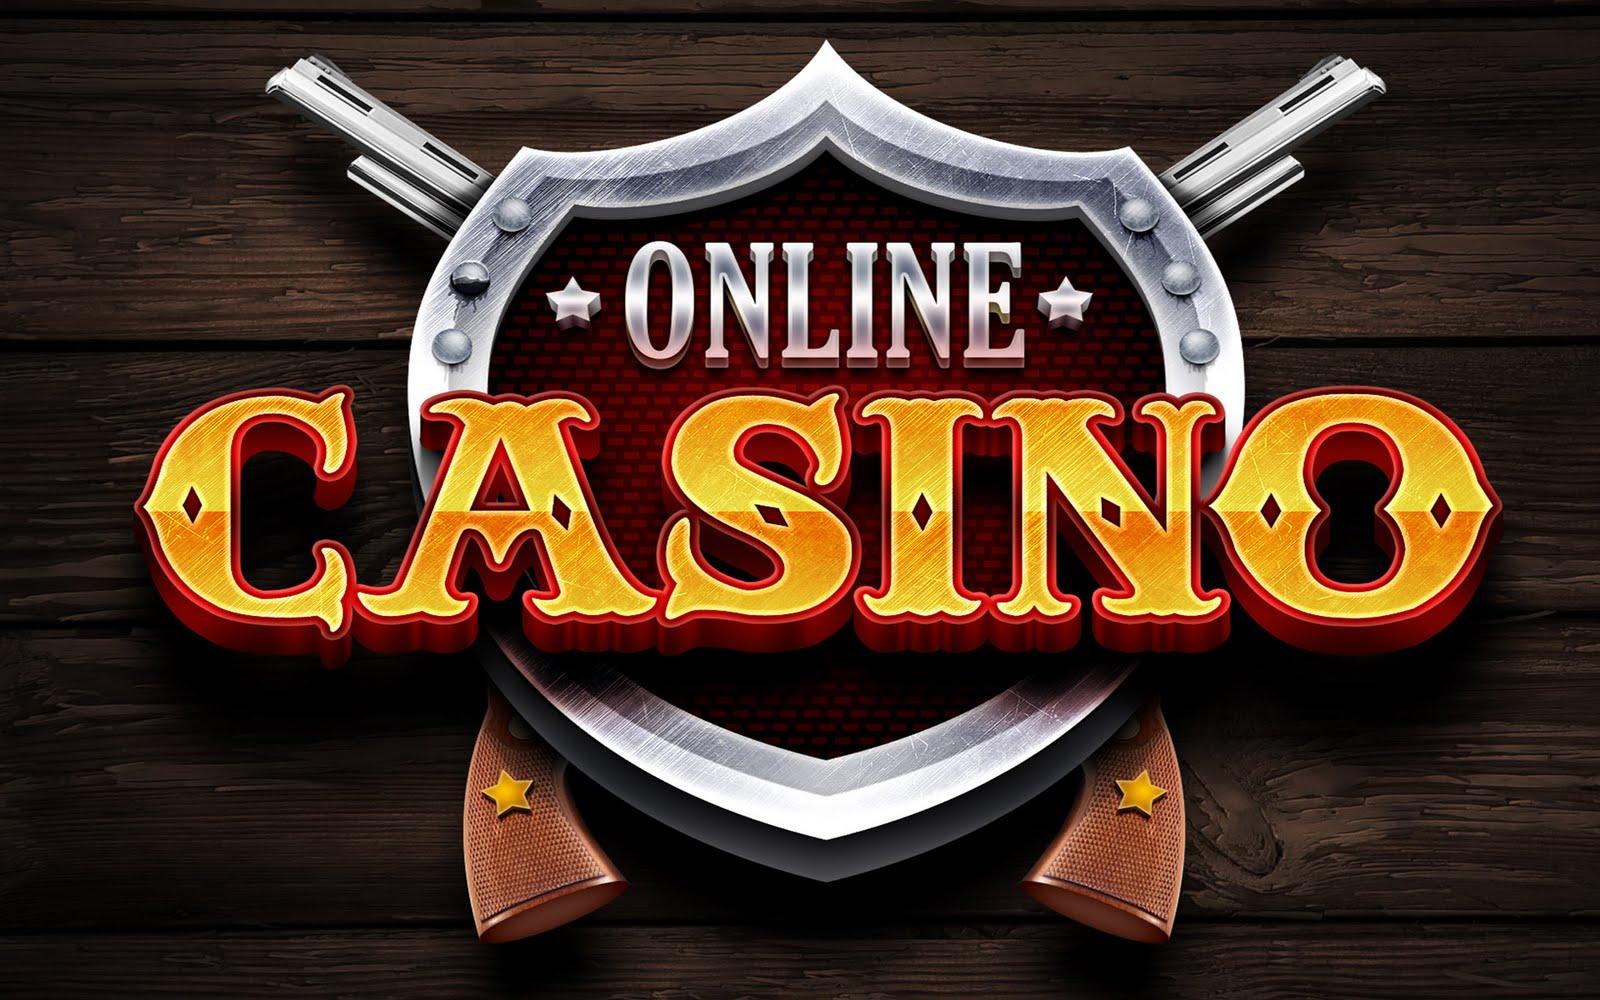 Hvordan finder man den rigtige Online Casino side